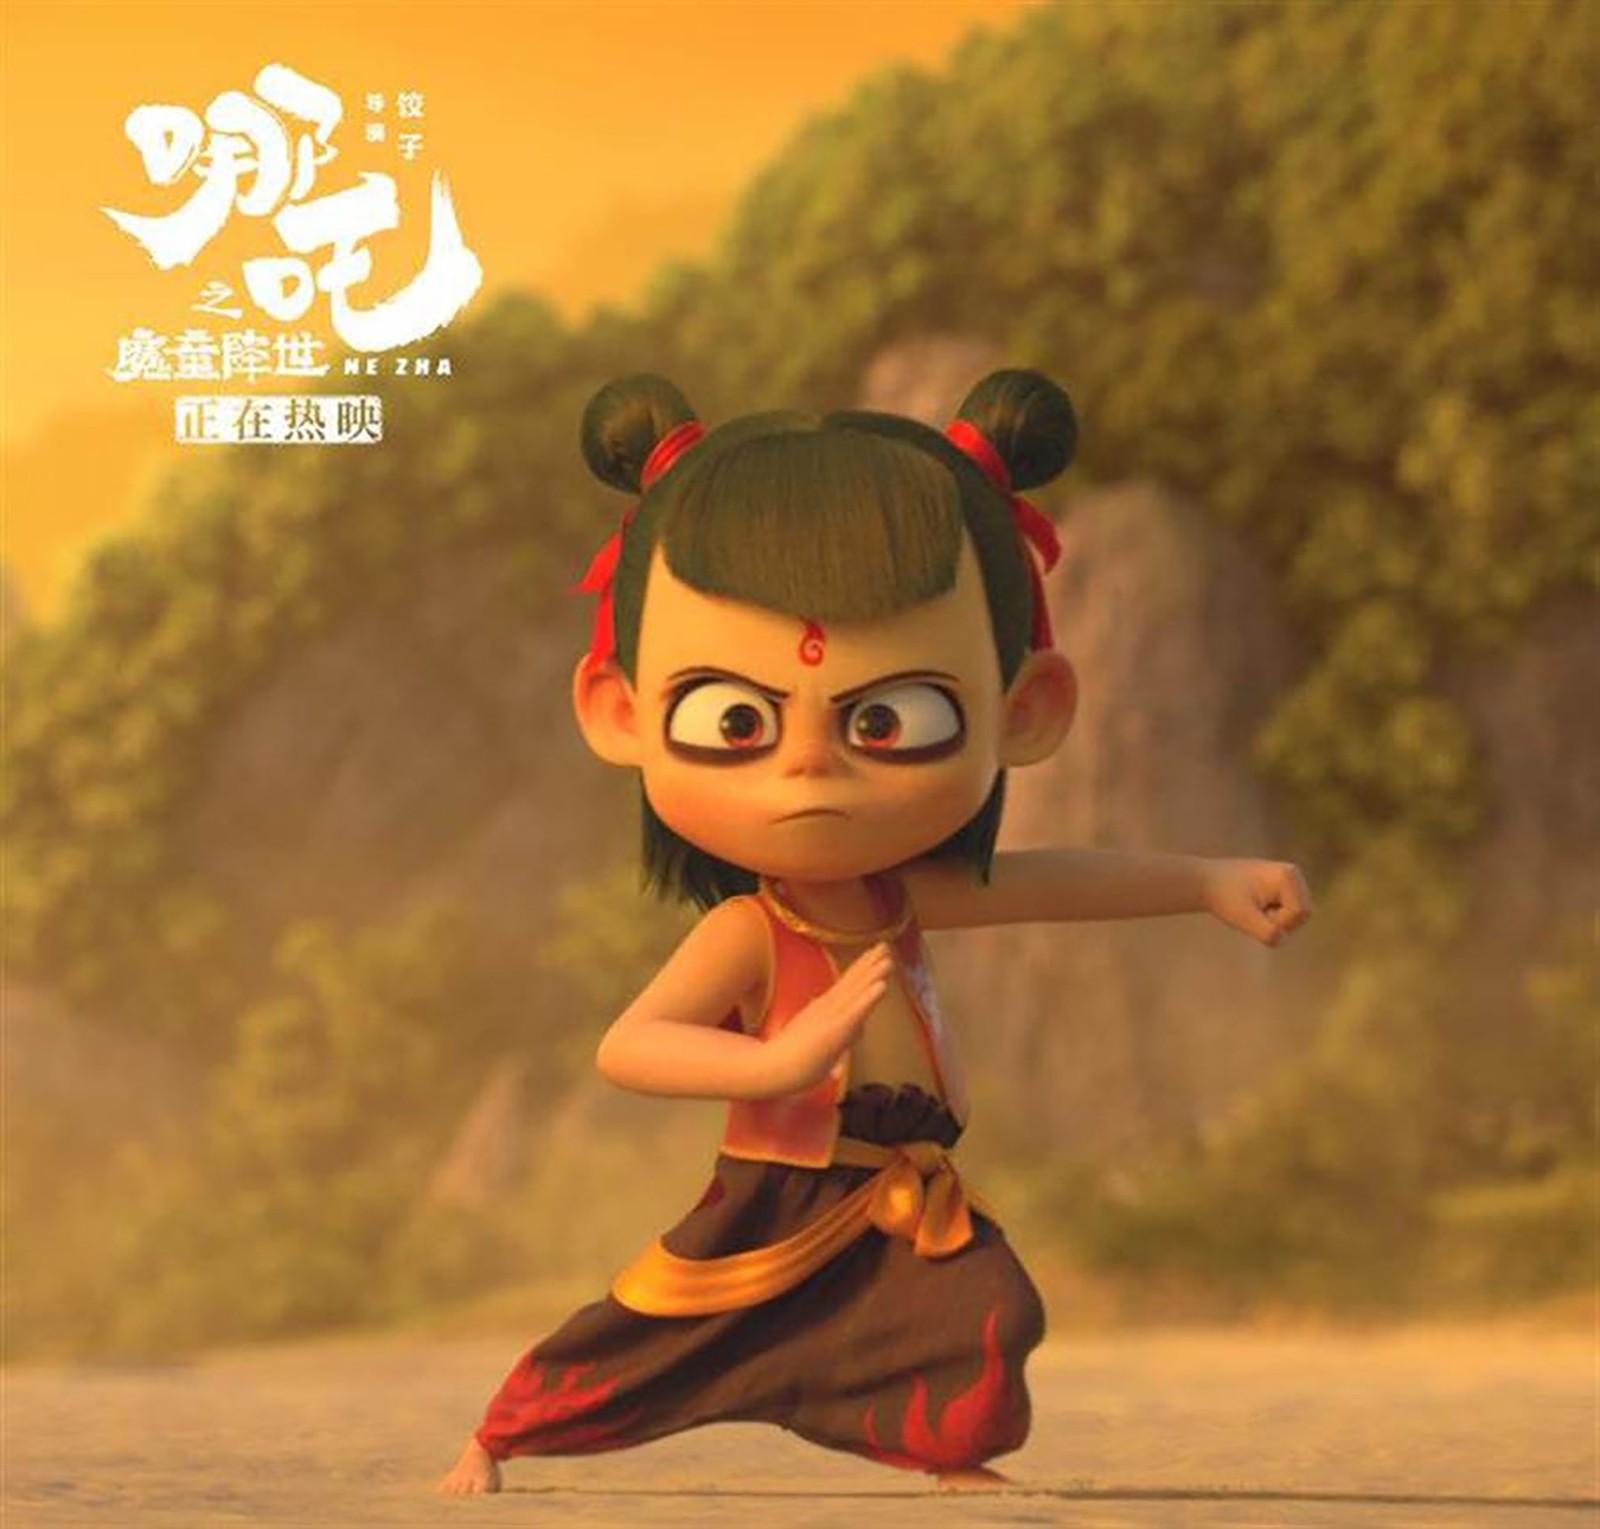 """Película """"Ne Zha"""" se convierte en la segunda más taquillera de todos los tiempos en parte continental china"""